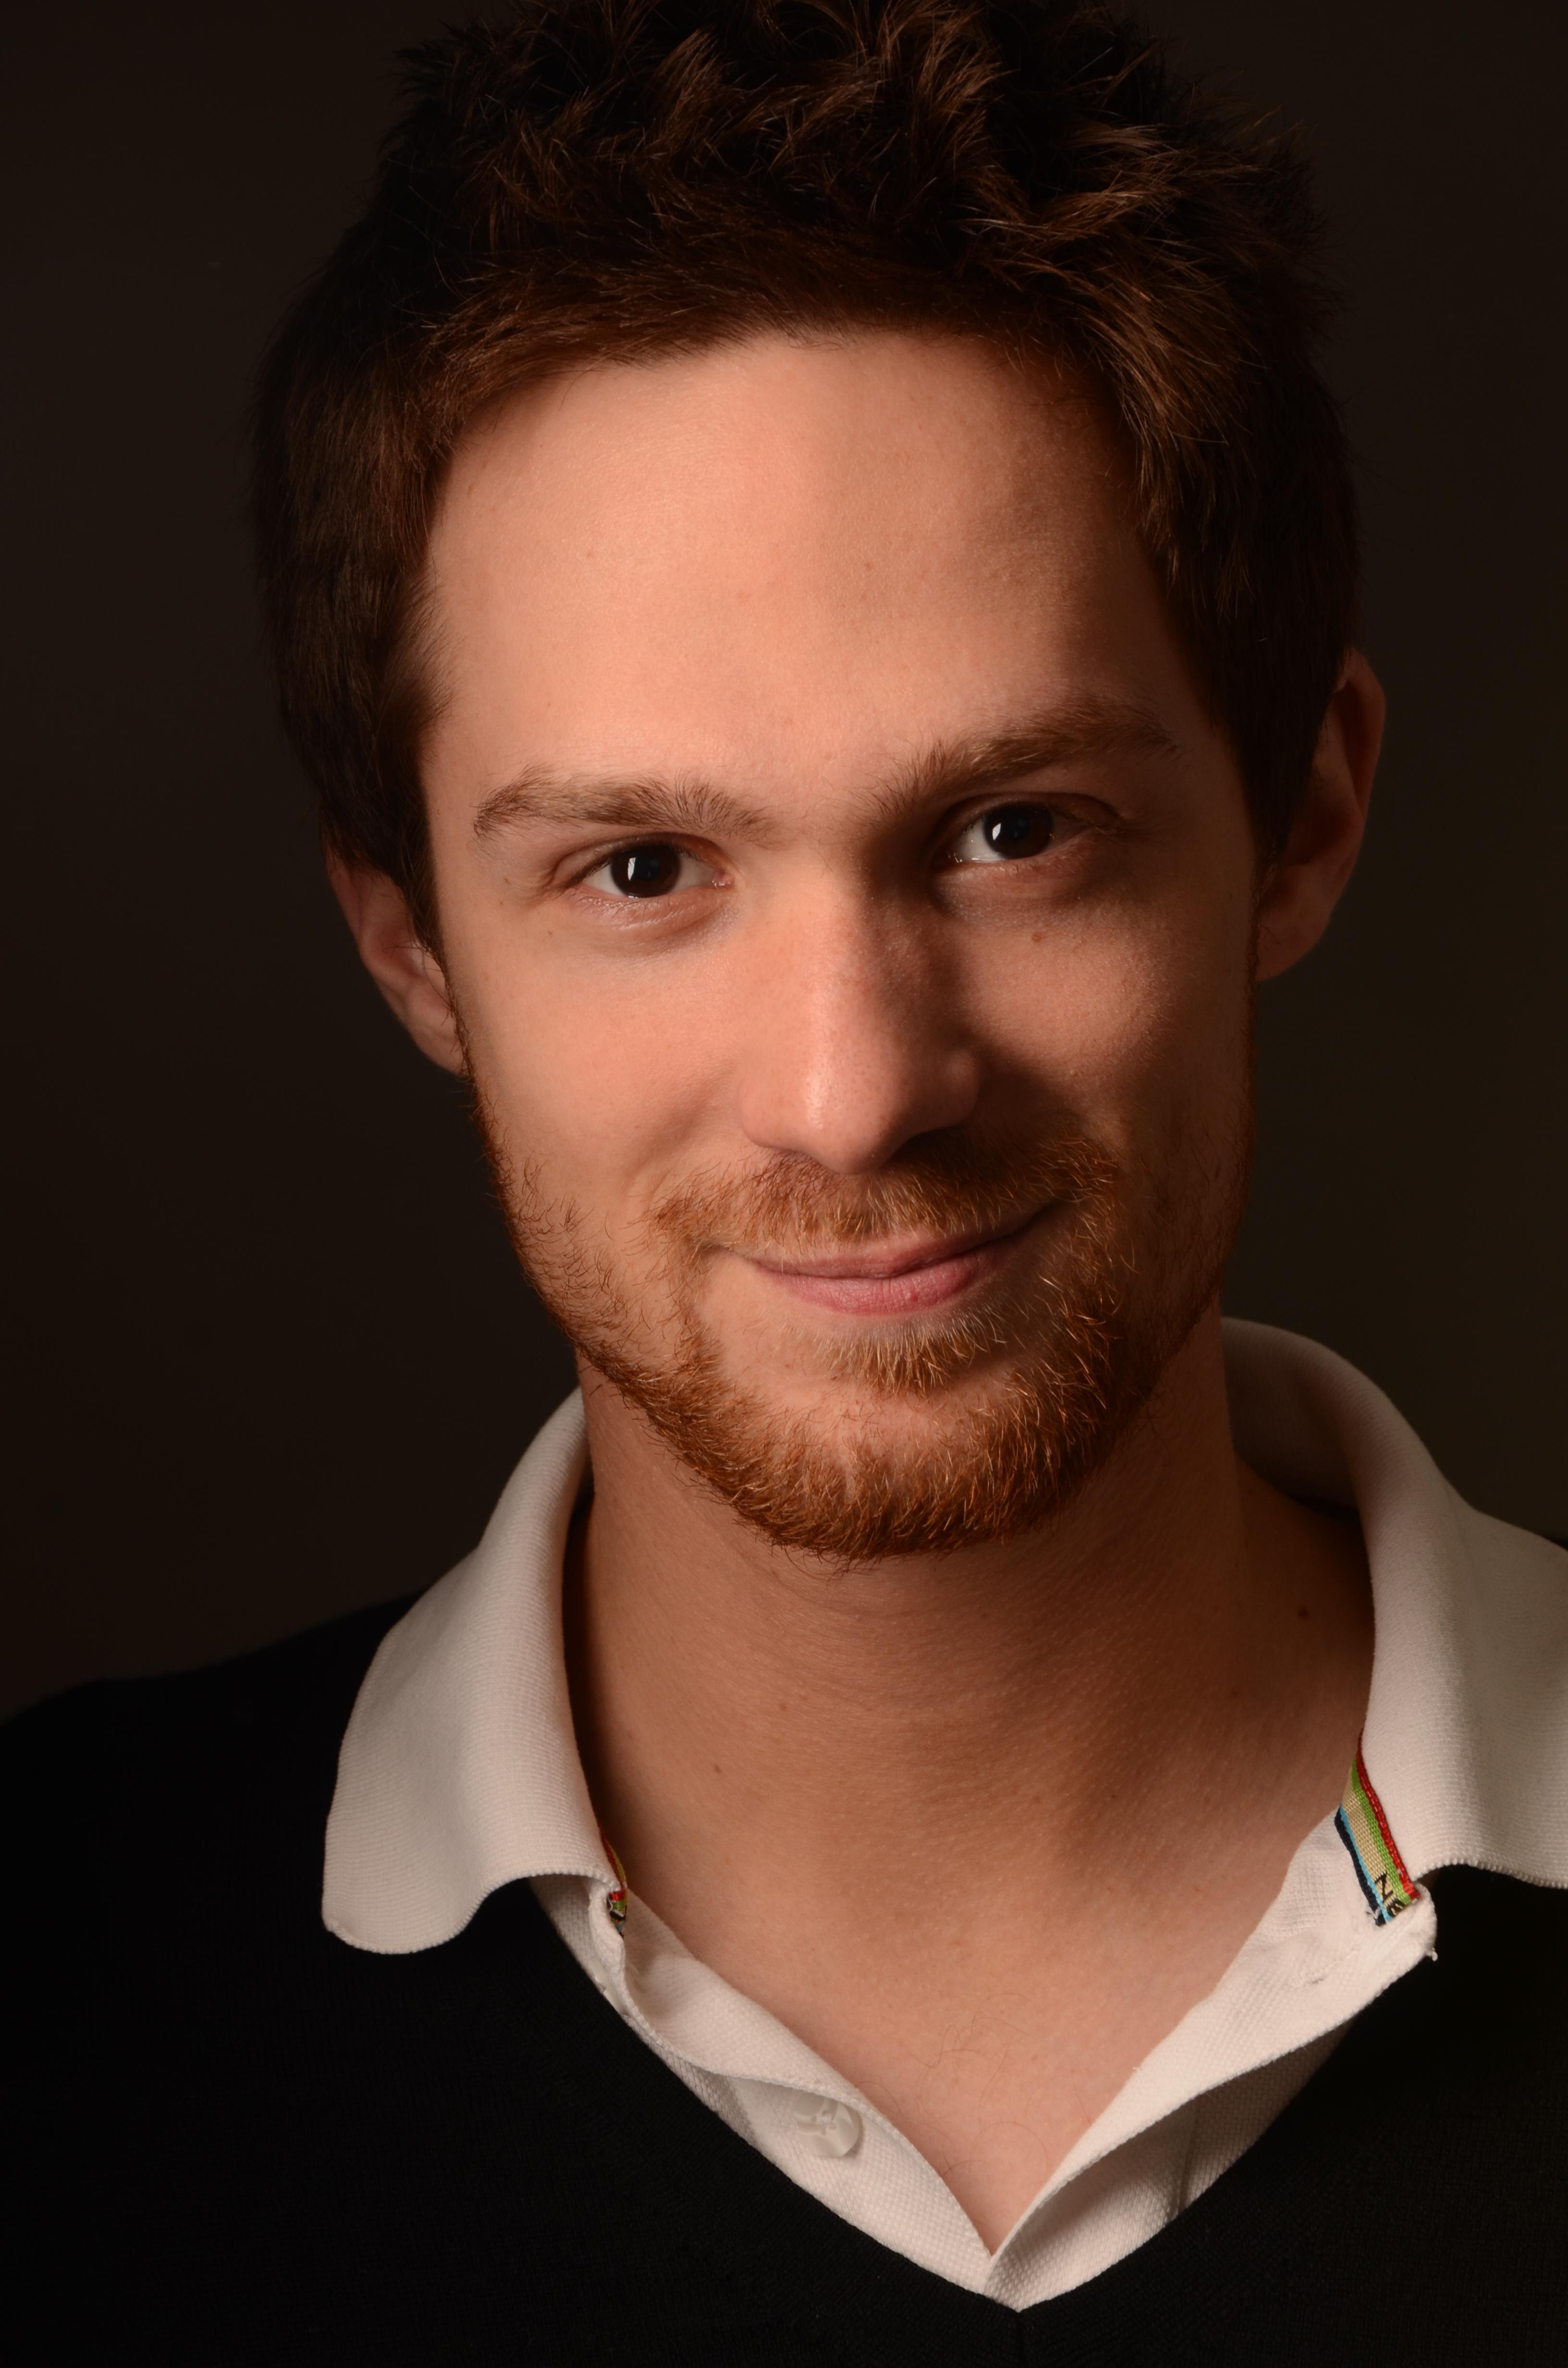 Mr. Stefan Tutor